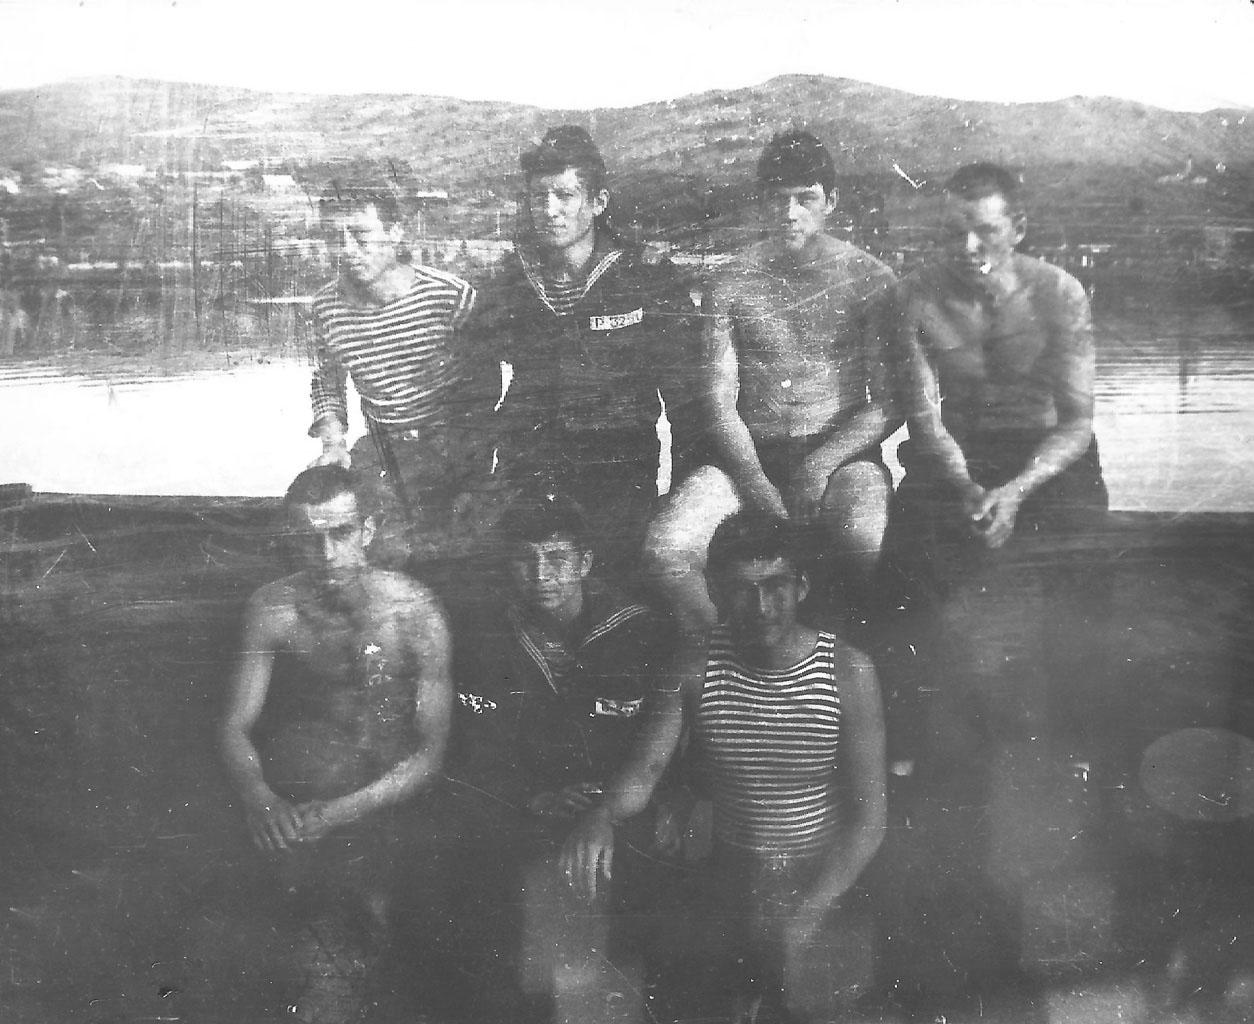 Экипаж С-221. Перекур после ужина на палубе плавбазы «Саратов».